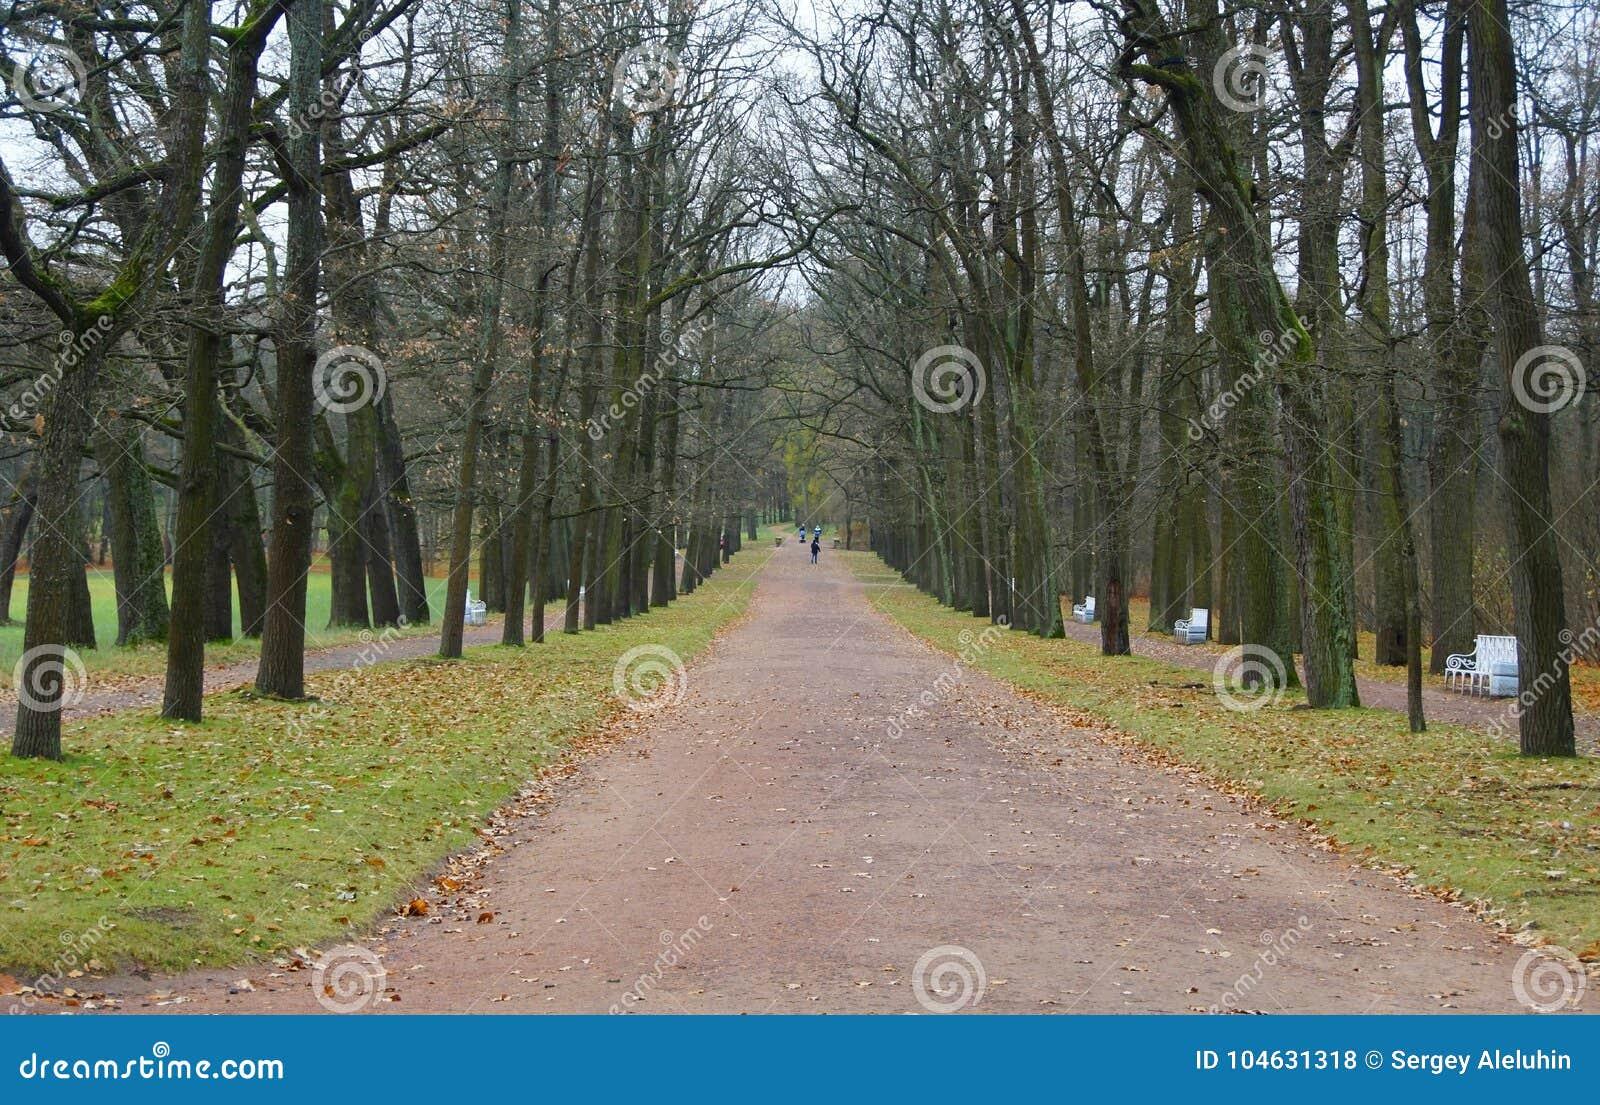 Download De Herfstochtend In Catherine Park Stock Foto - Afbeelding bestaande uit gras, kanaal: 104631318